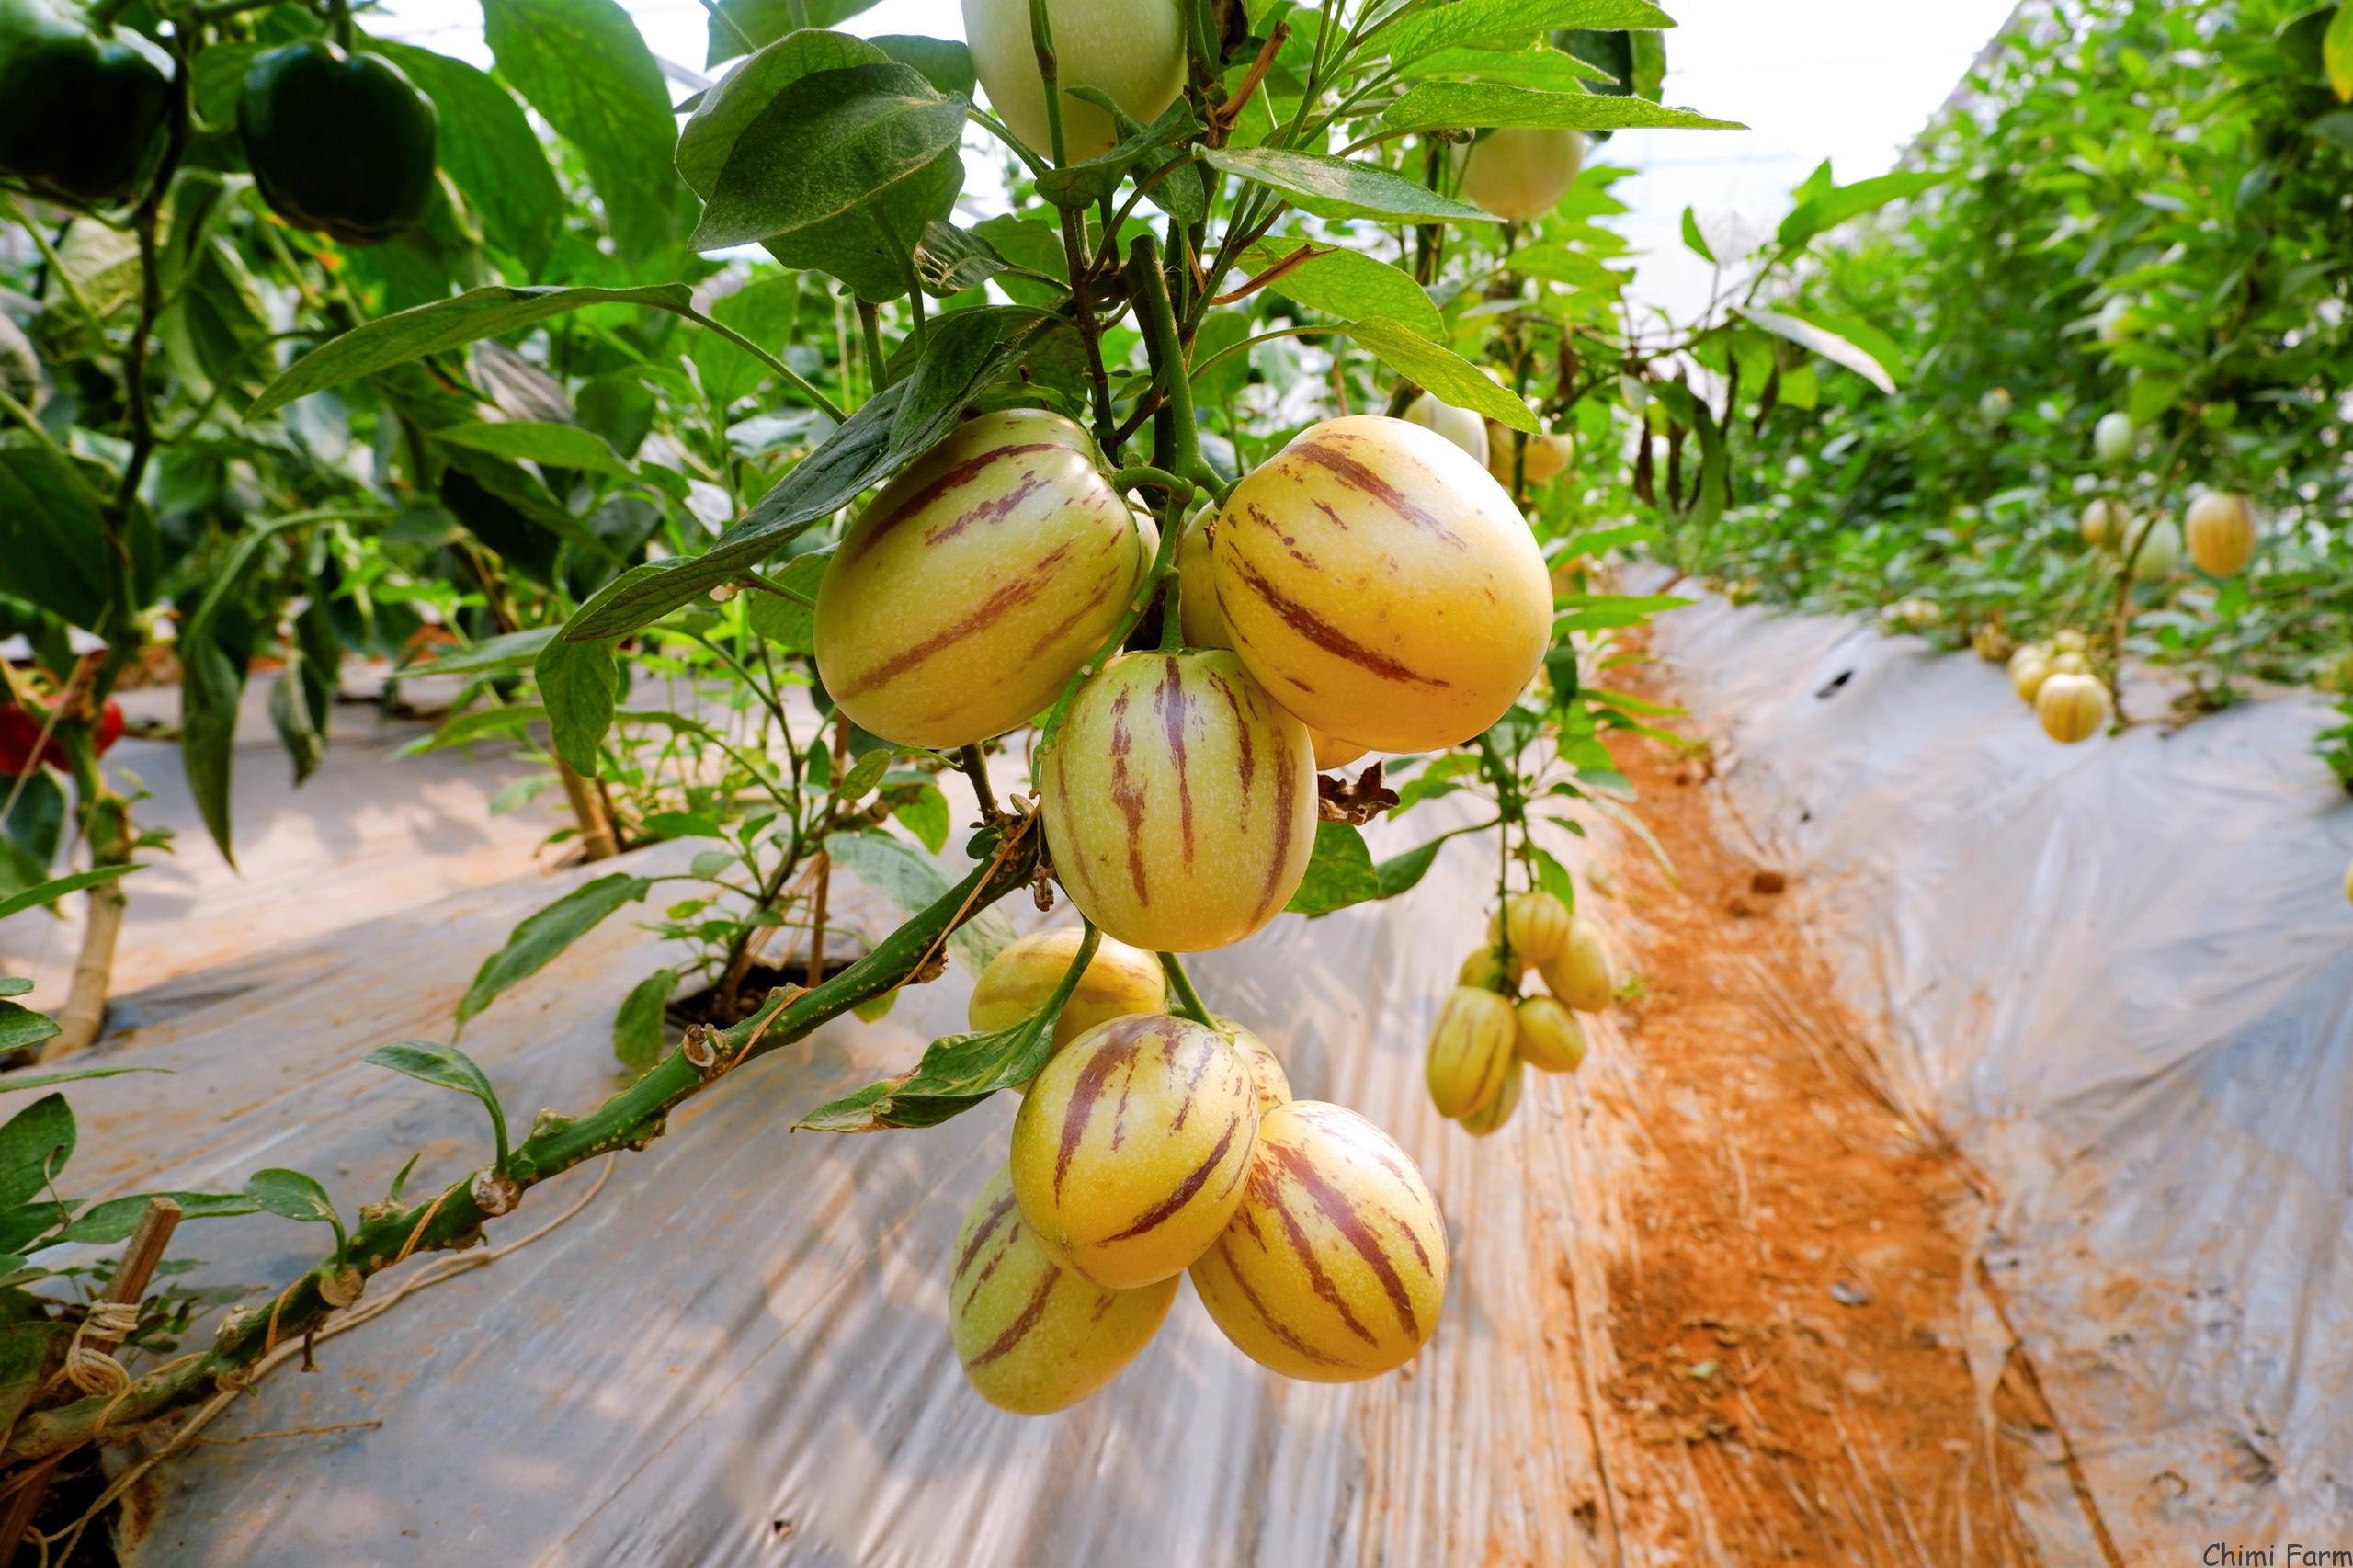 Những trái dưa có trọng lượng từ 200g - 400g